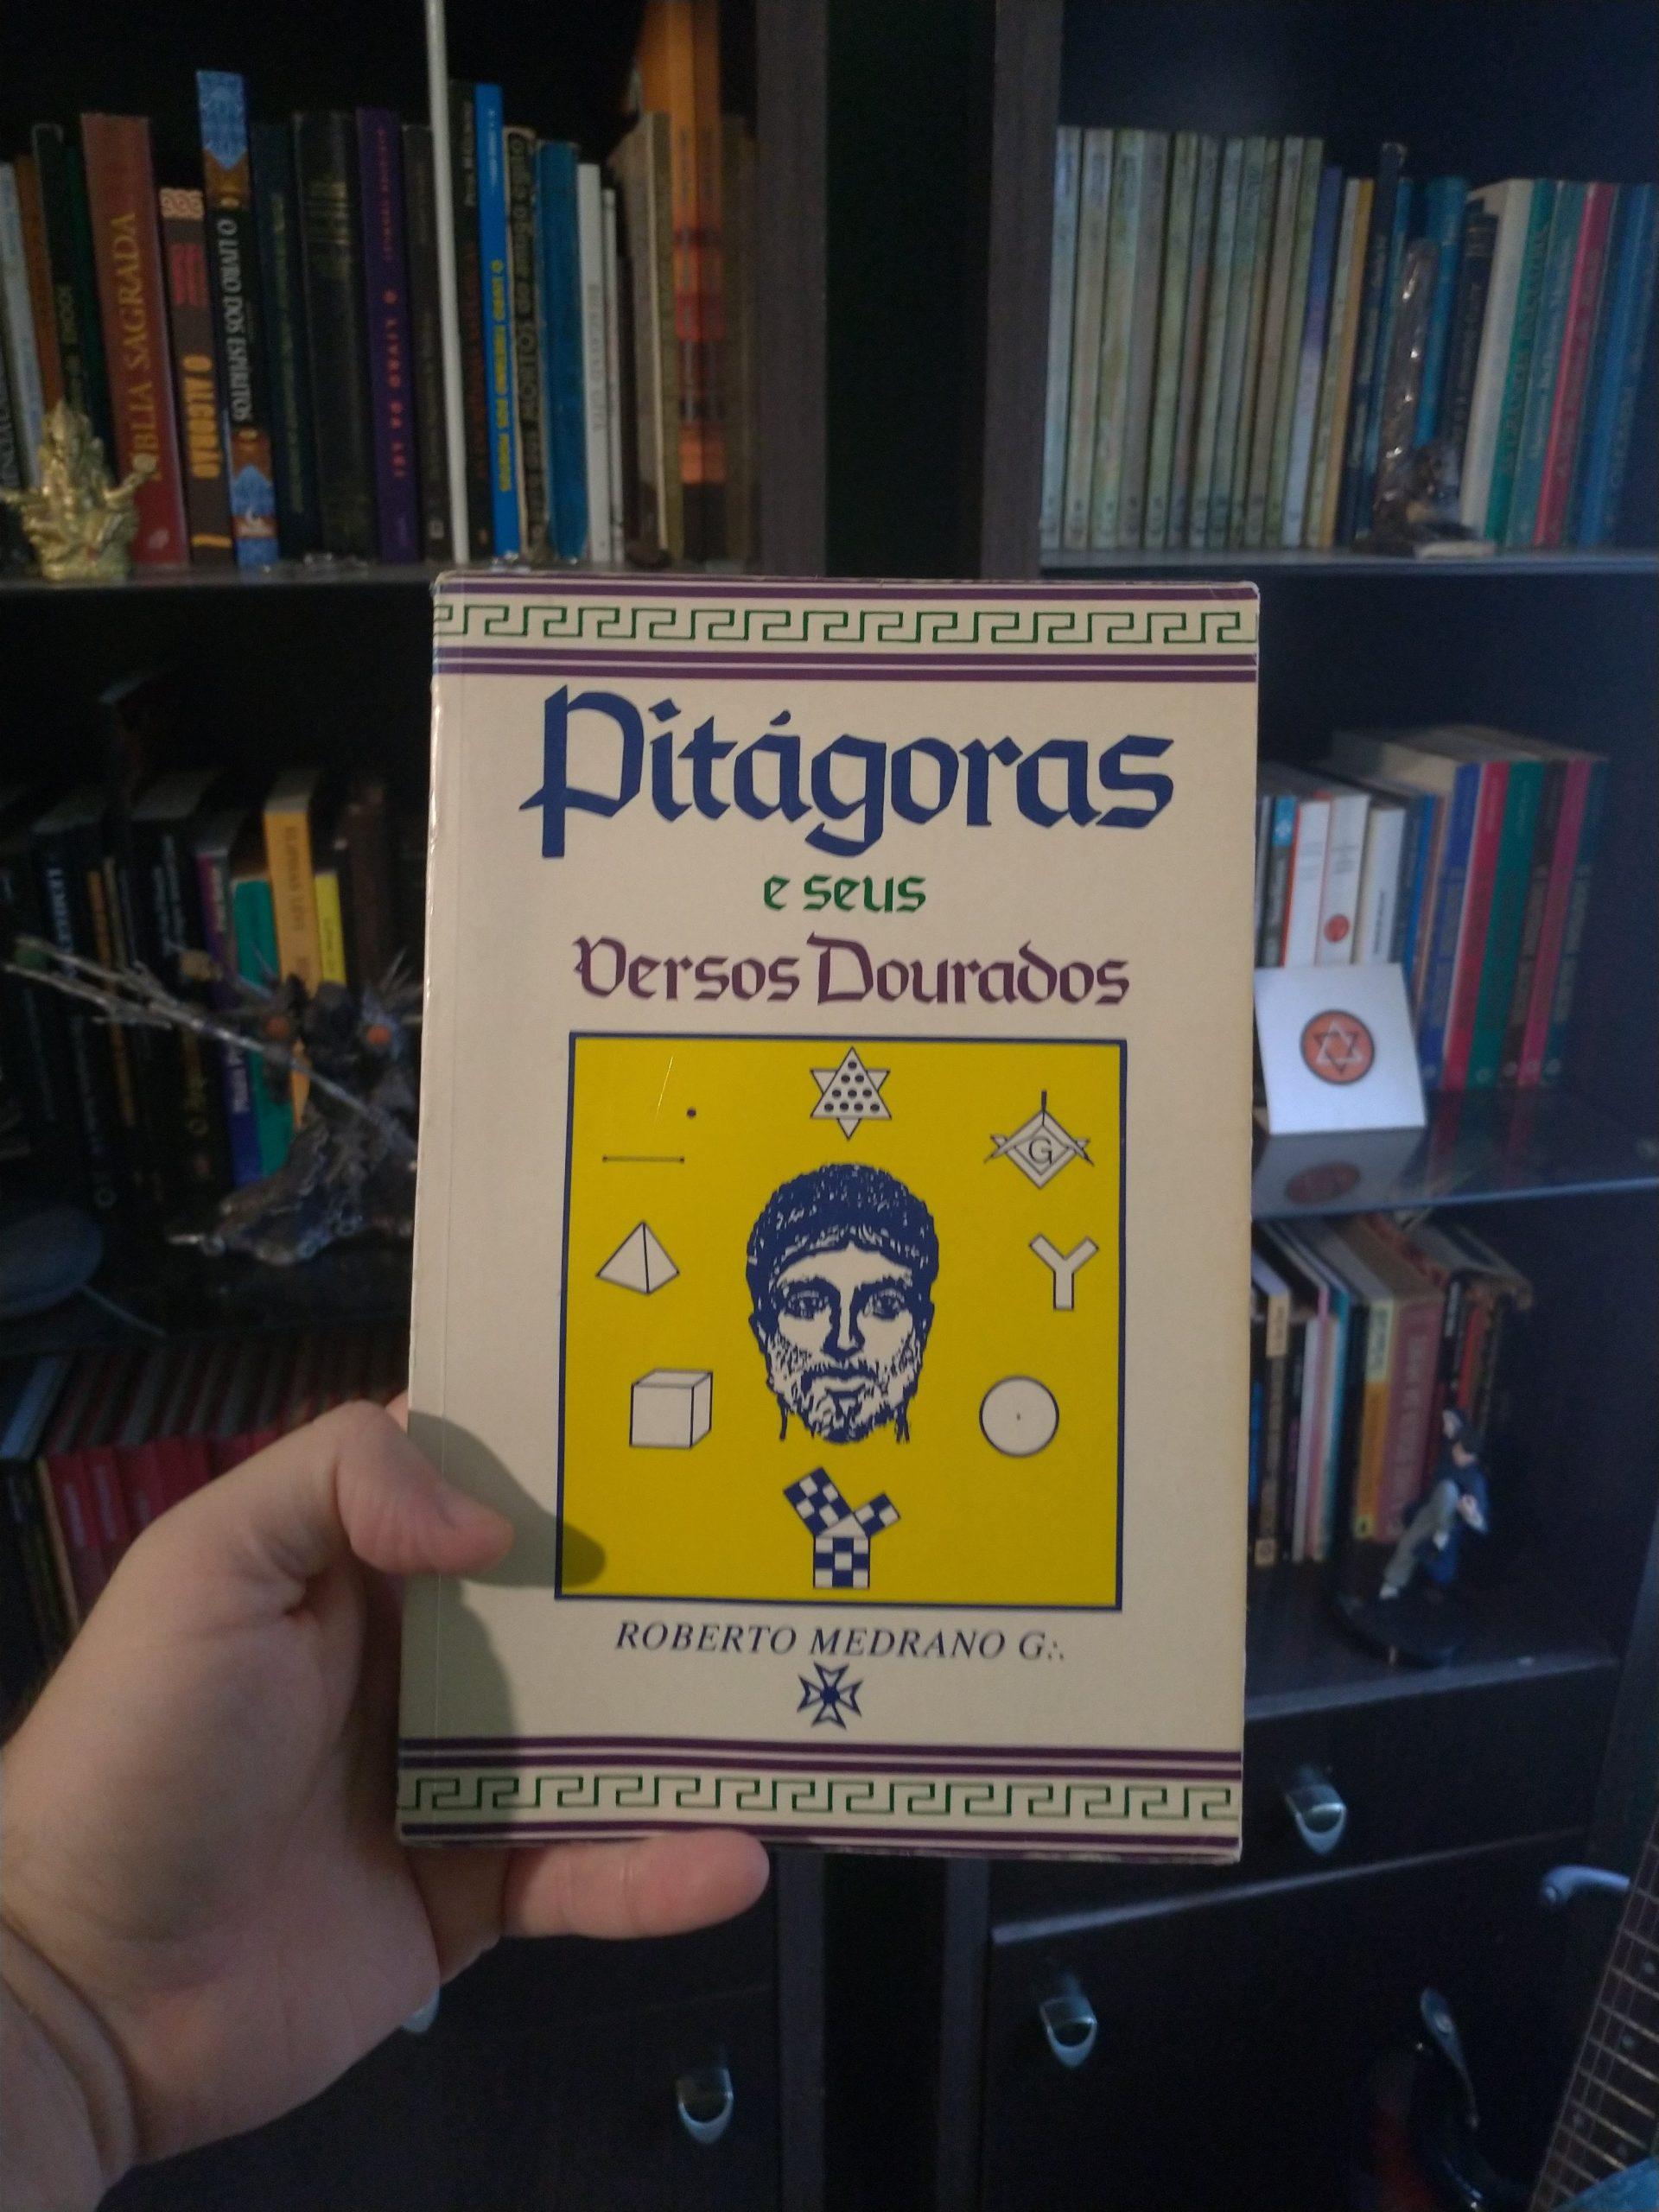 Pitágoras e seus versos dourados